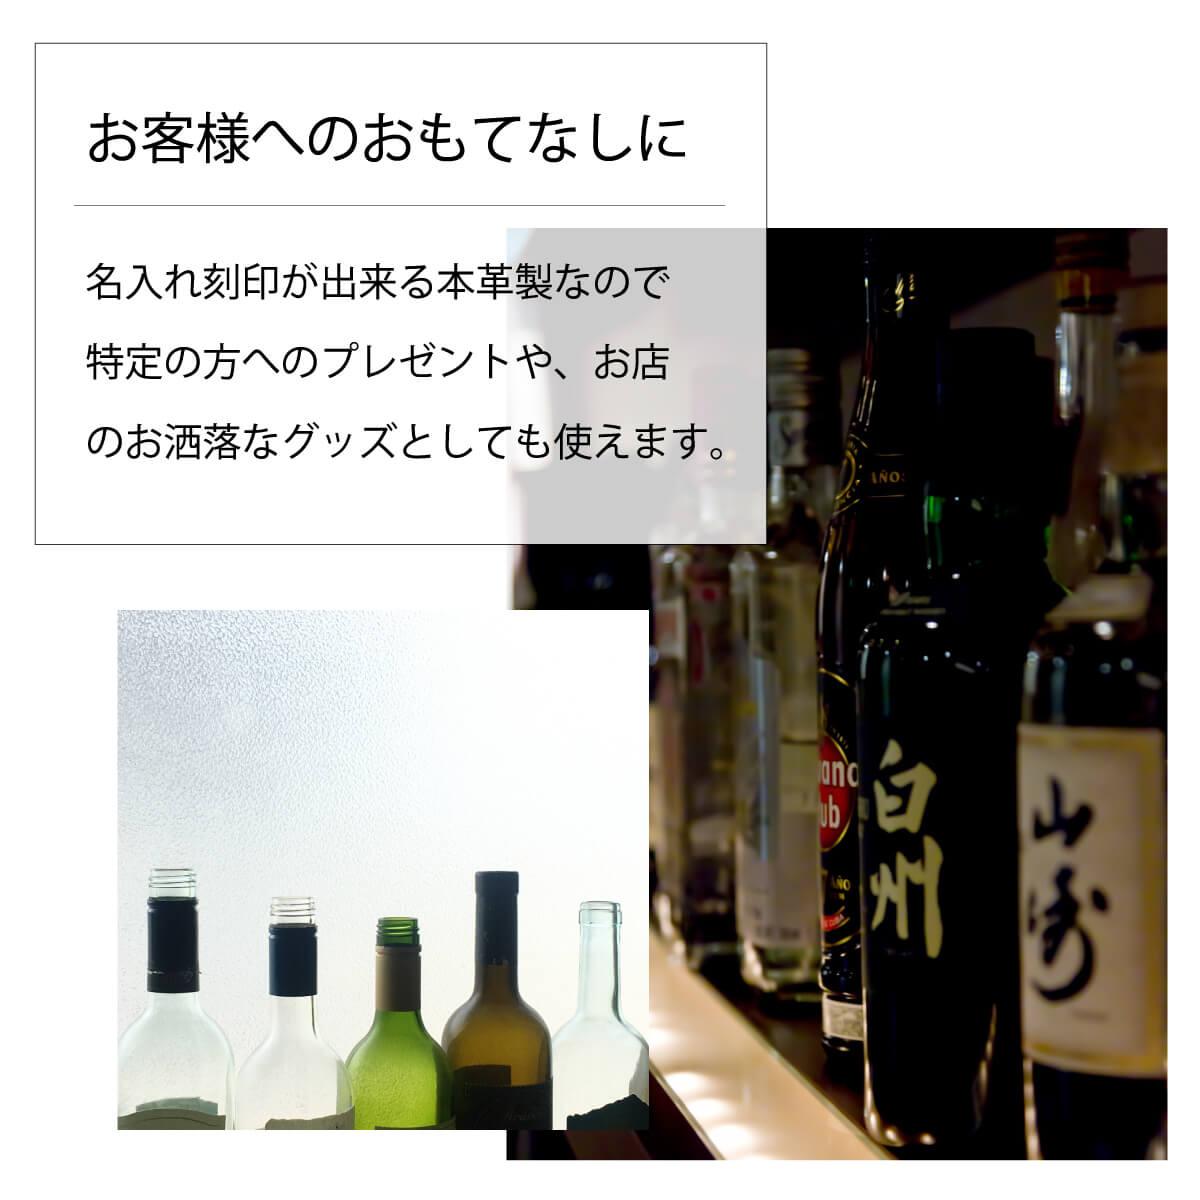 栃木レザー ボトルマーク ペットボトル 瓶 目印 【名入れ可】